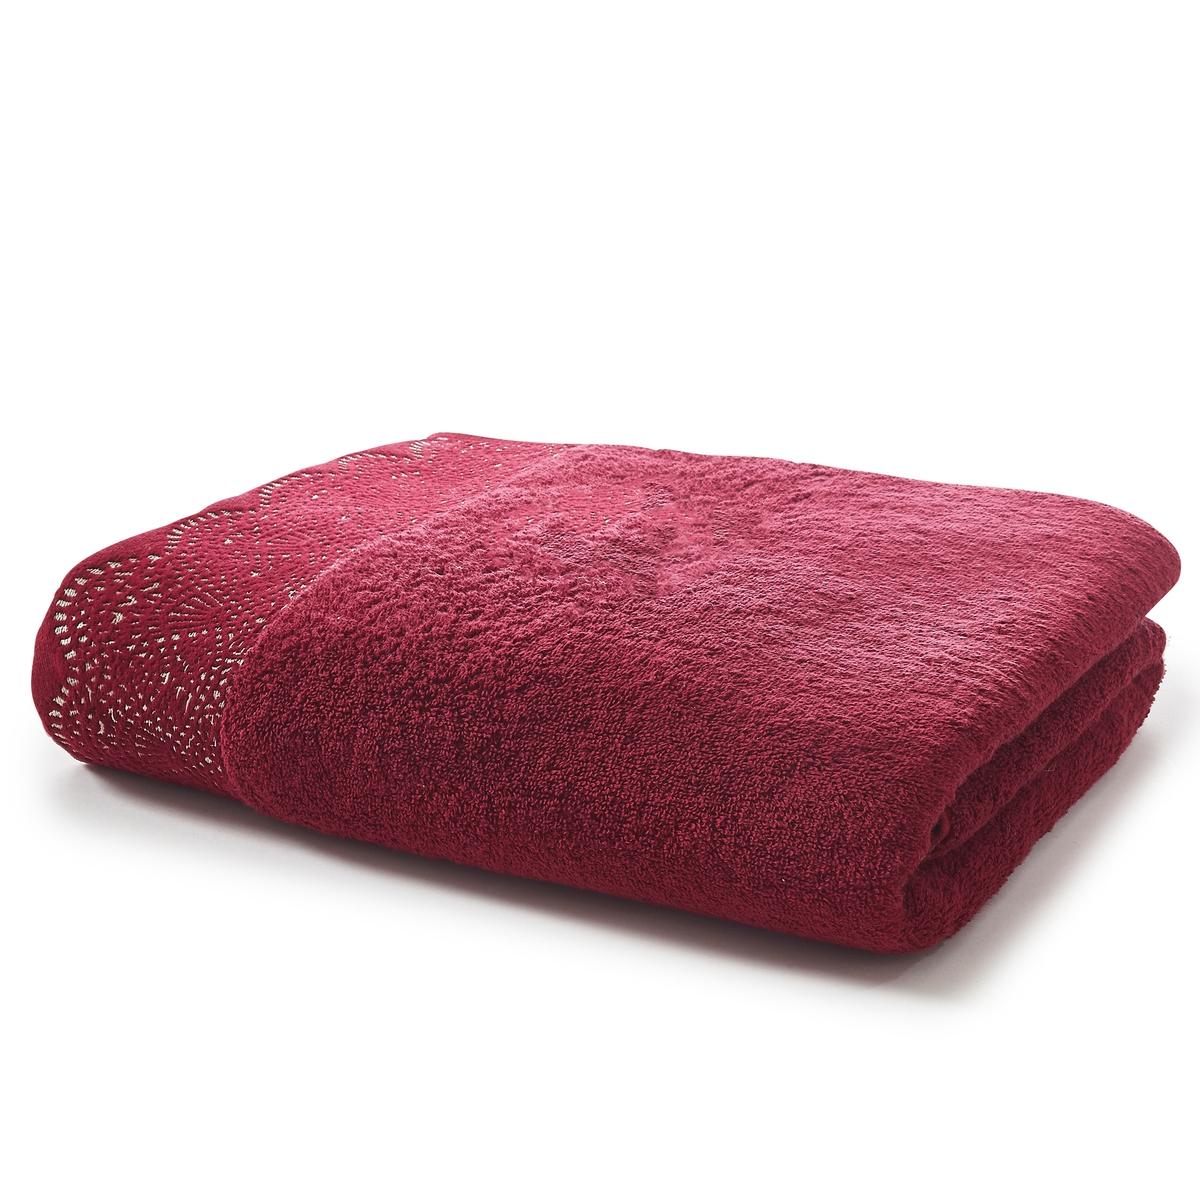 Полотенце банное из махровой ткани 500 г/м?, DENTELLEХарактеристики банного полотенца Dentelle :- Махровая ткань букле из 100% хлопка (500 г/м?).- Жаккардовая оттделка краев с эффектом кружева.- Машинная стирка при 60 °С.- Машинная сушка при умеренной температуре.- Замечательная износоустойчивость, сохраняет мягкость и яркость окраски после многочисленных стирок.- Размеры : 70 x 140 см.<br><br>Цвет: светло-синий,сливовый